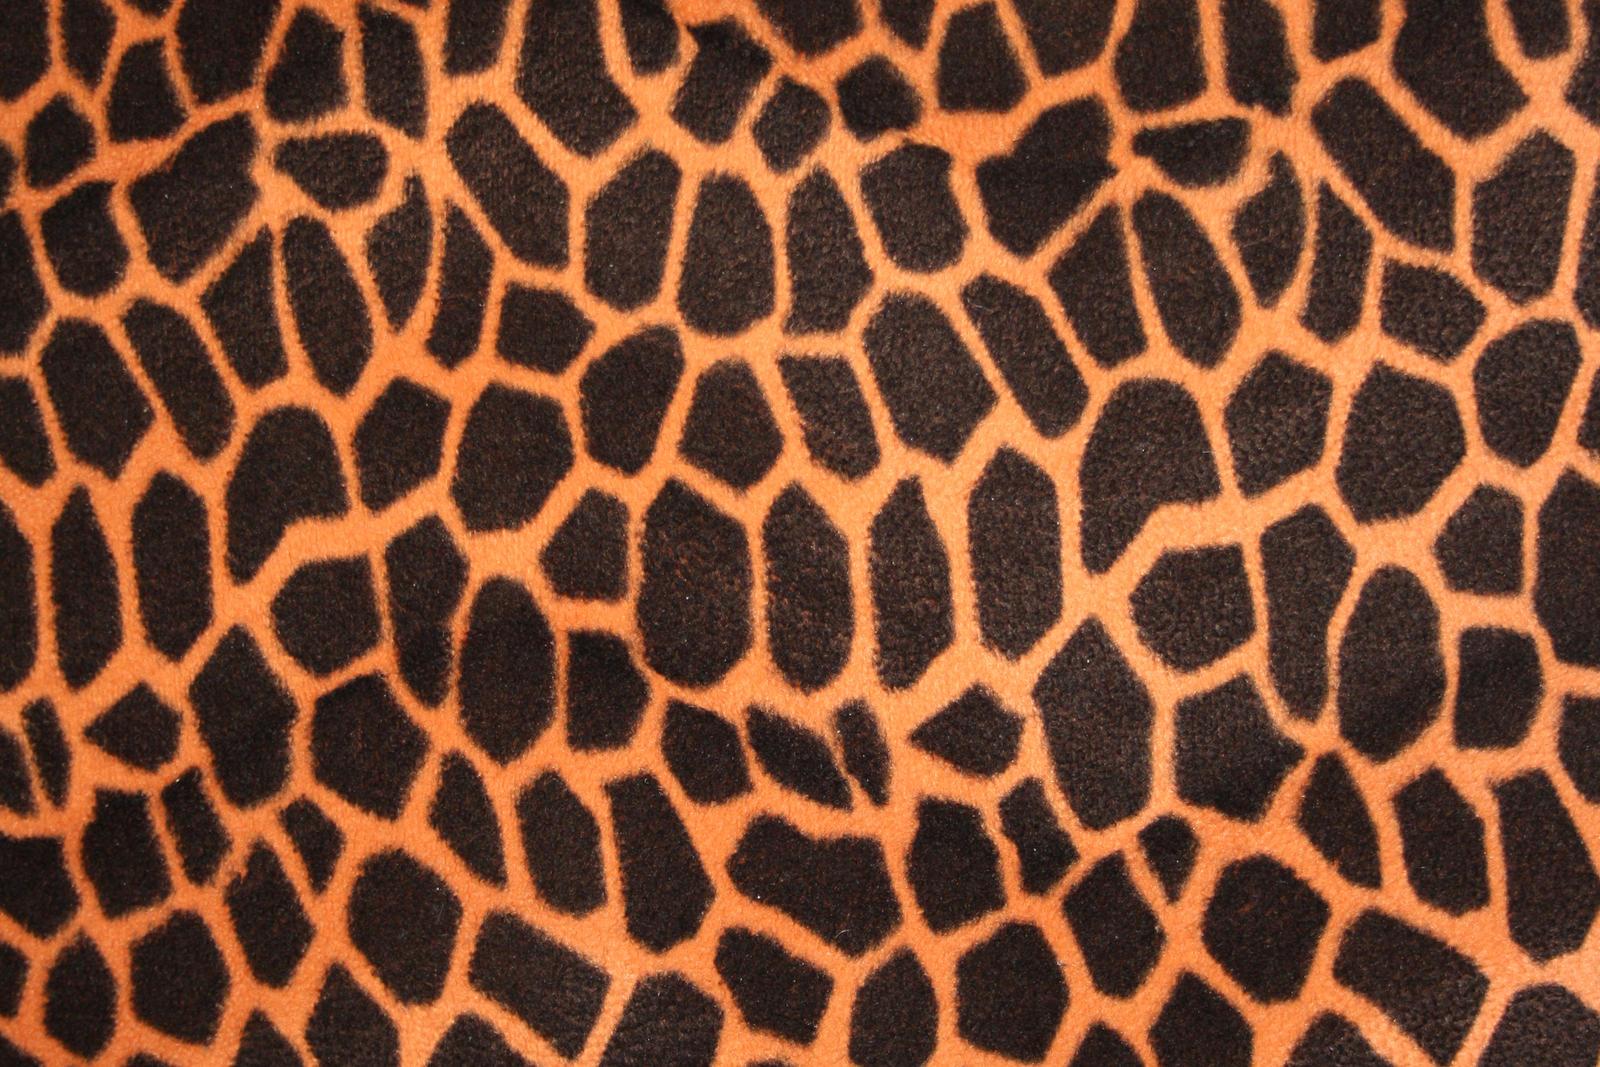 texture animal print 4 by pandora1921 resources stock images textures ...: pandora1921.deviantart.com/art/Texture-Animal-Print-4-171215958